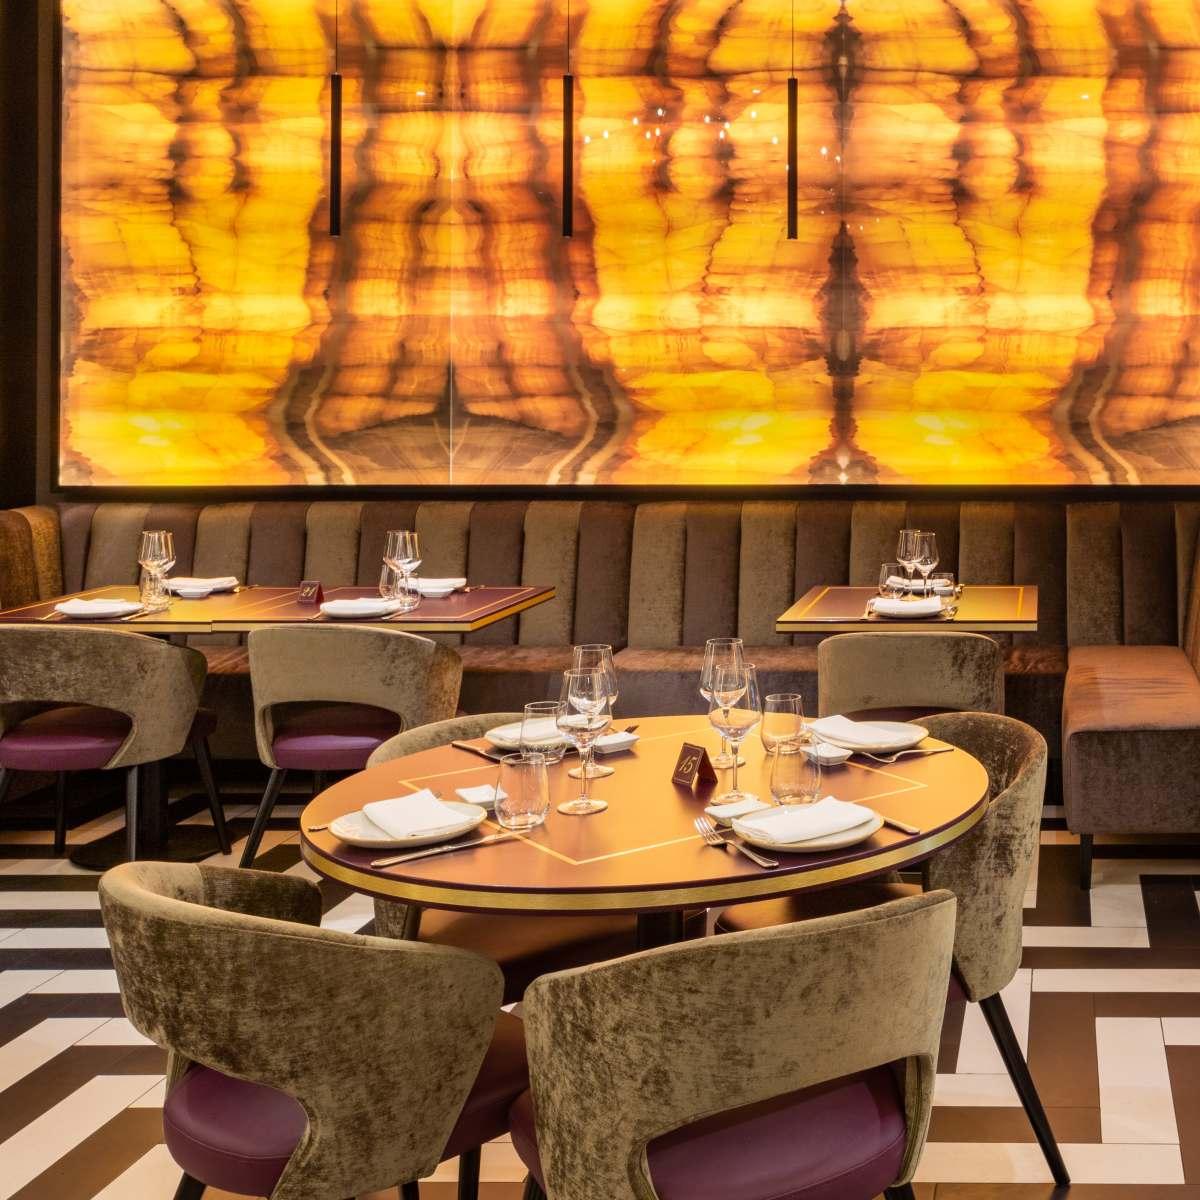 interno ristorante con tavoli in legno, poltrone in velluto, pareti in legno luminose